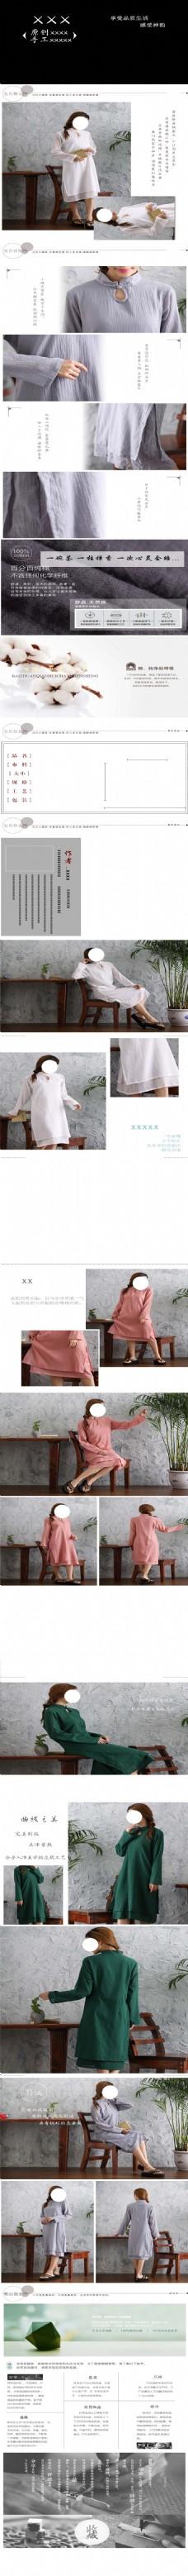 淘宝模板女装服装详情页